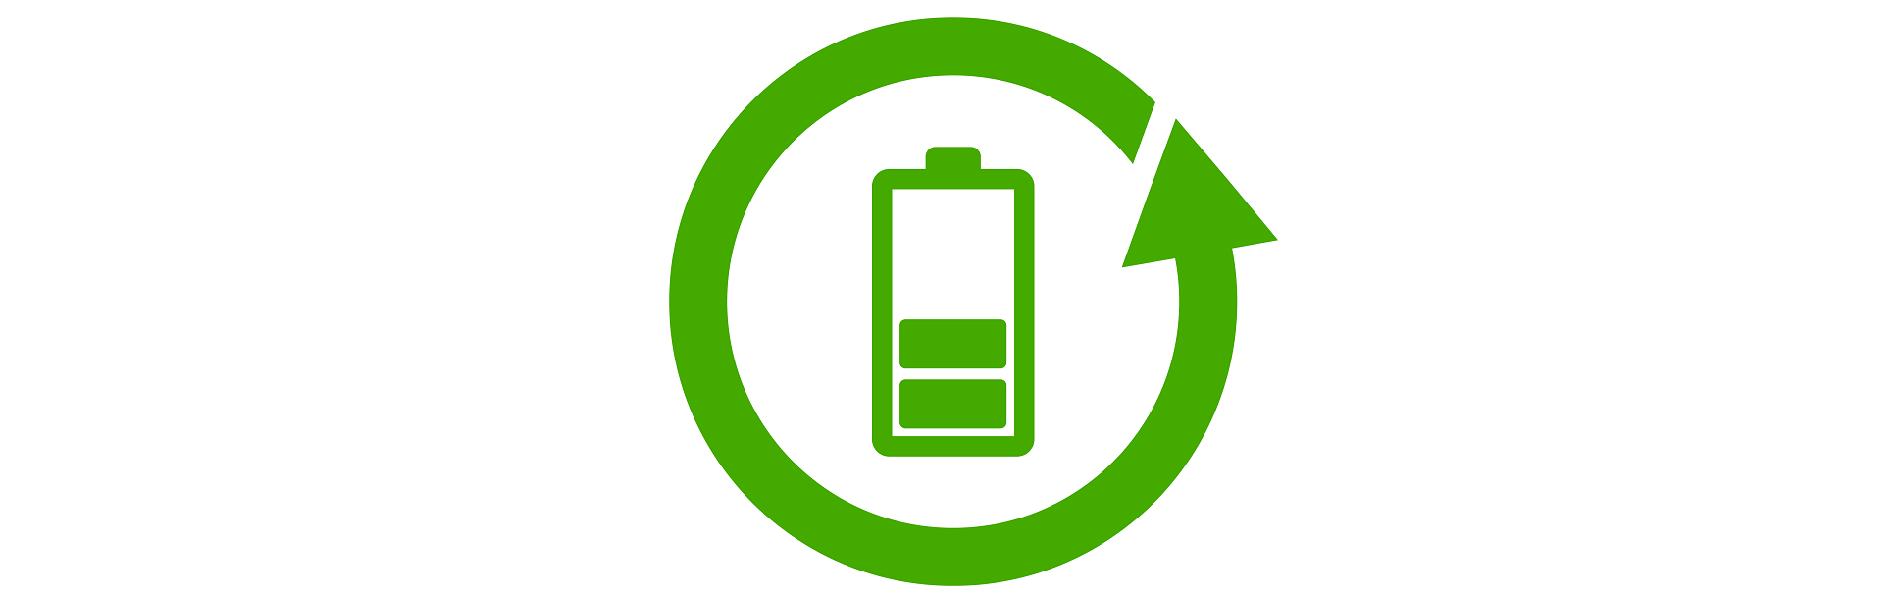 Icon Recycling dargestellt durch grüne Batterie, die von grünem Pfeil umkreist wird